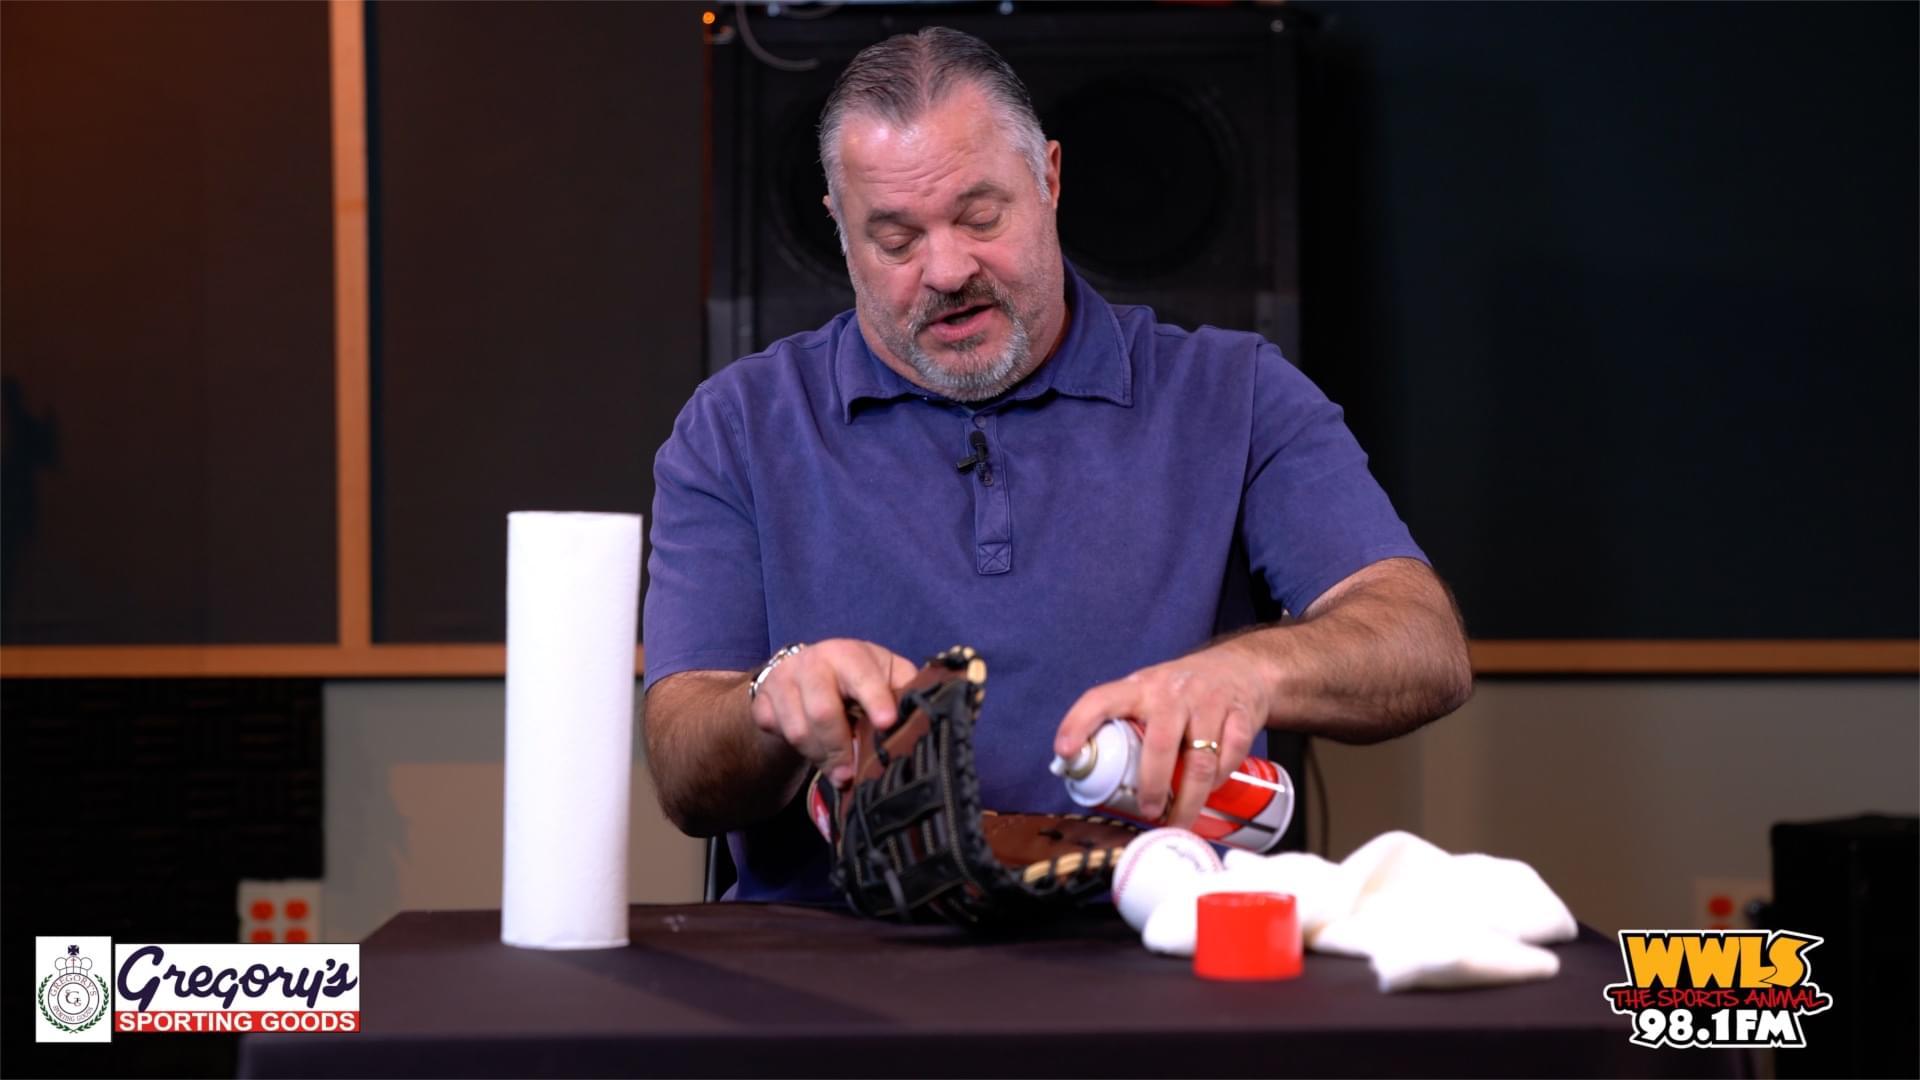 Jim Traber Explains How To Break In New Baseball Glove